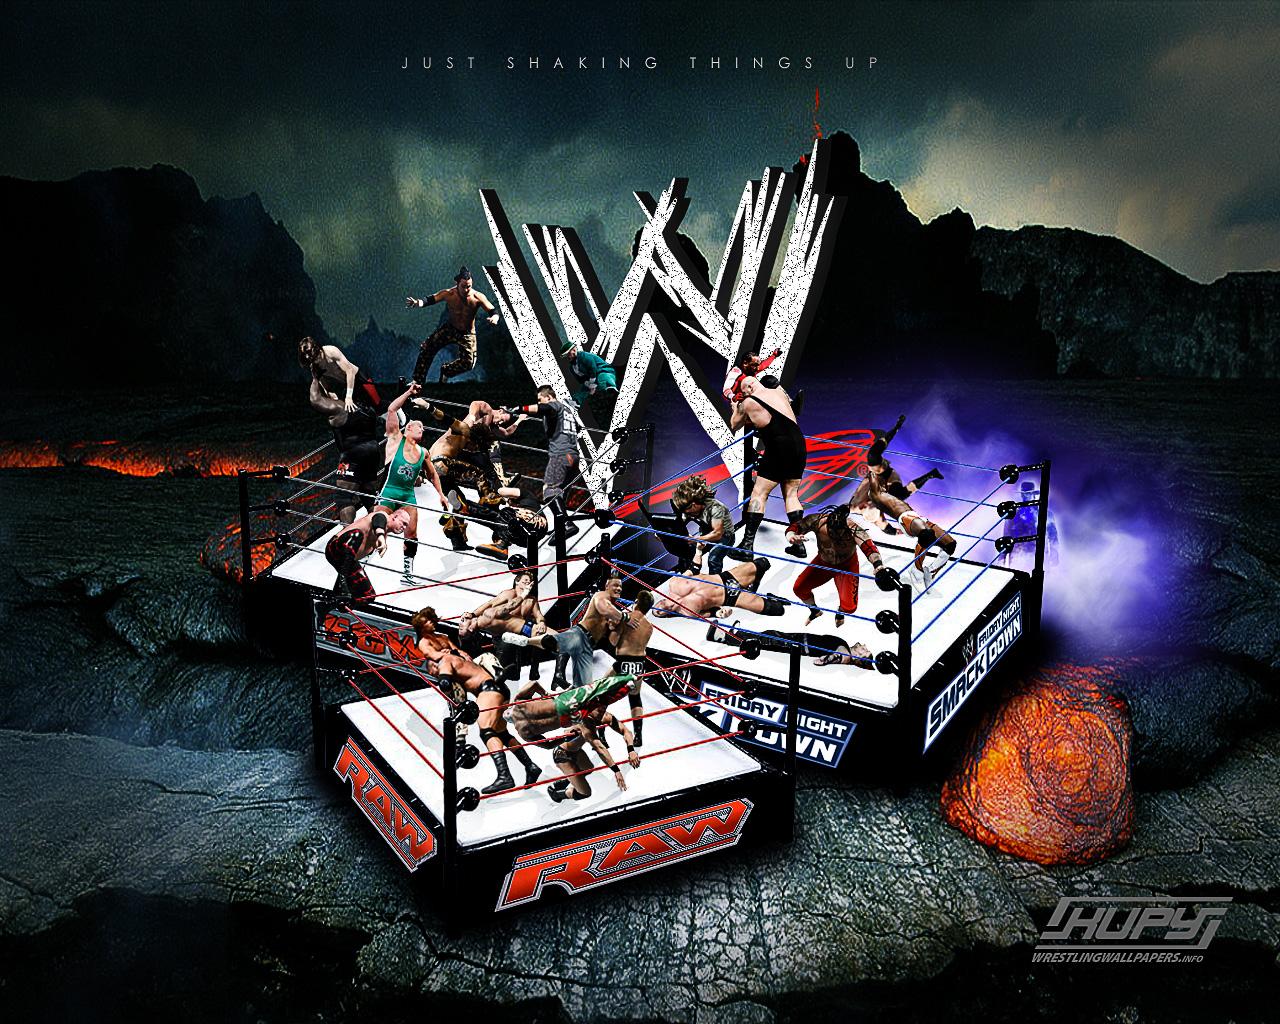 http://3.bp.blogspot.com/-gwdOhLh_Fe8/UEHspx8ZsHI/AAAAAAAADXI/OCEJnOP-FaM/s1600/WWE-Wallpapers-10.jpg